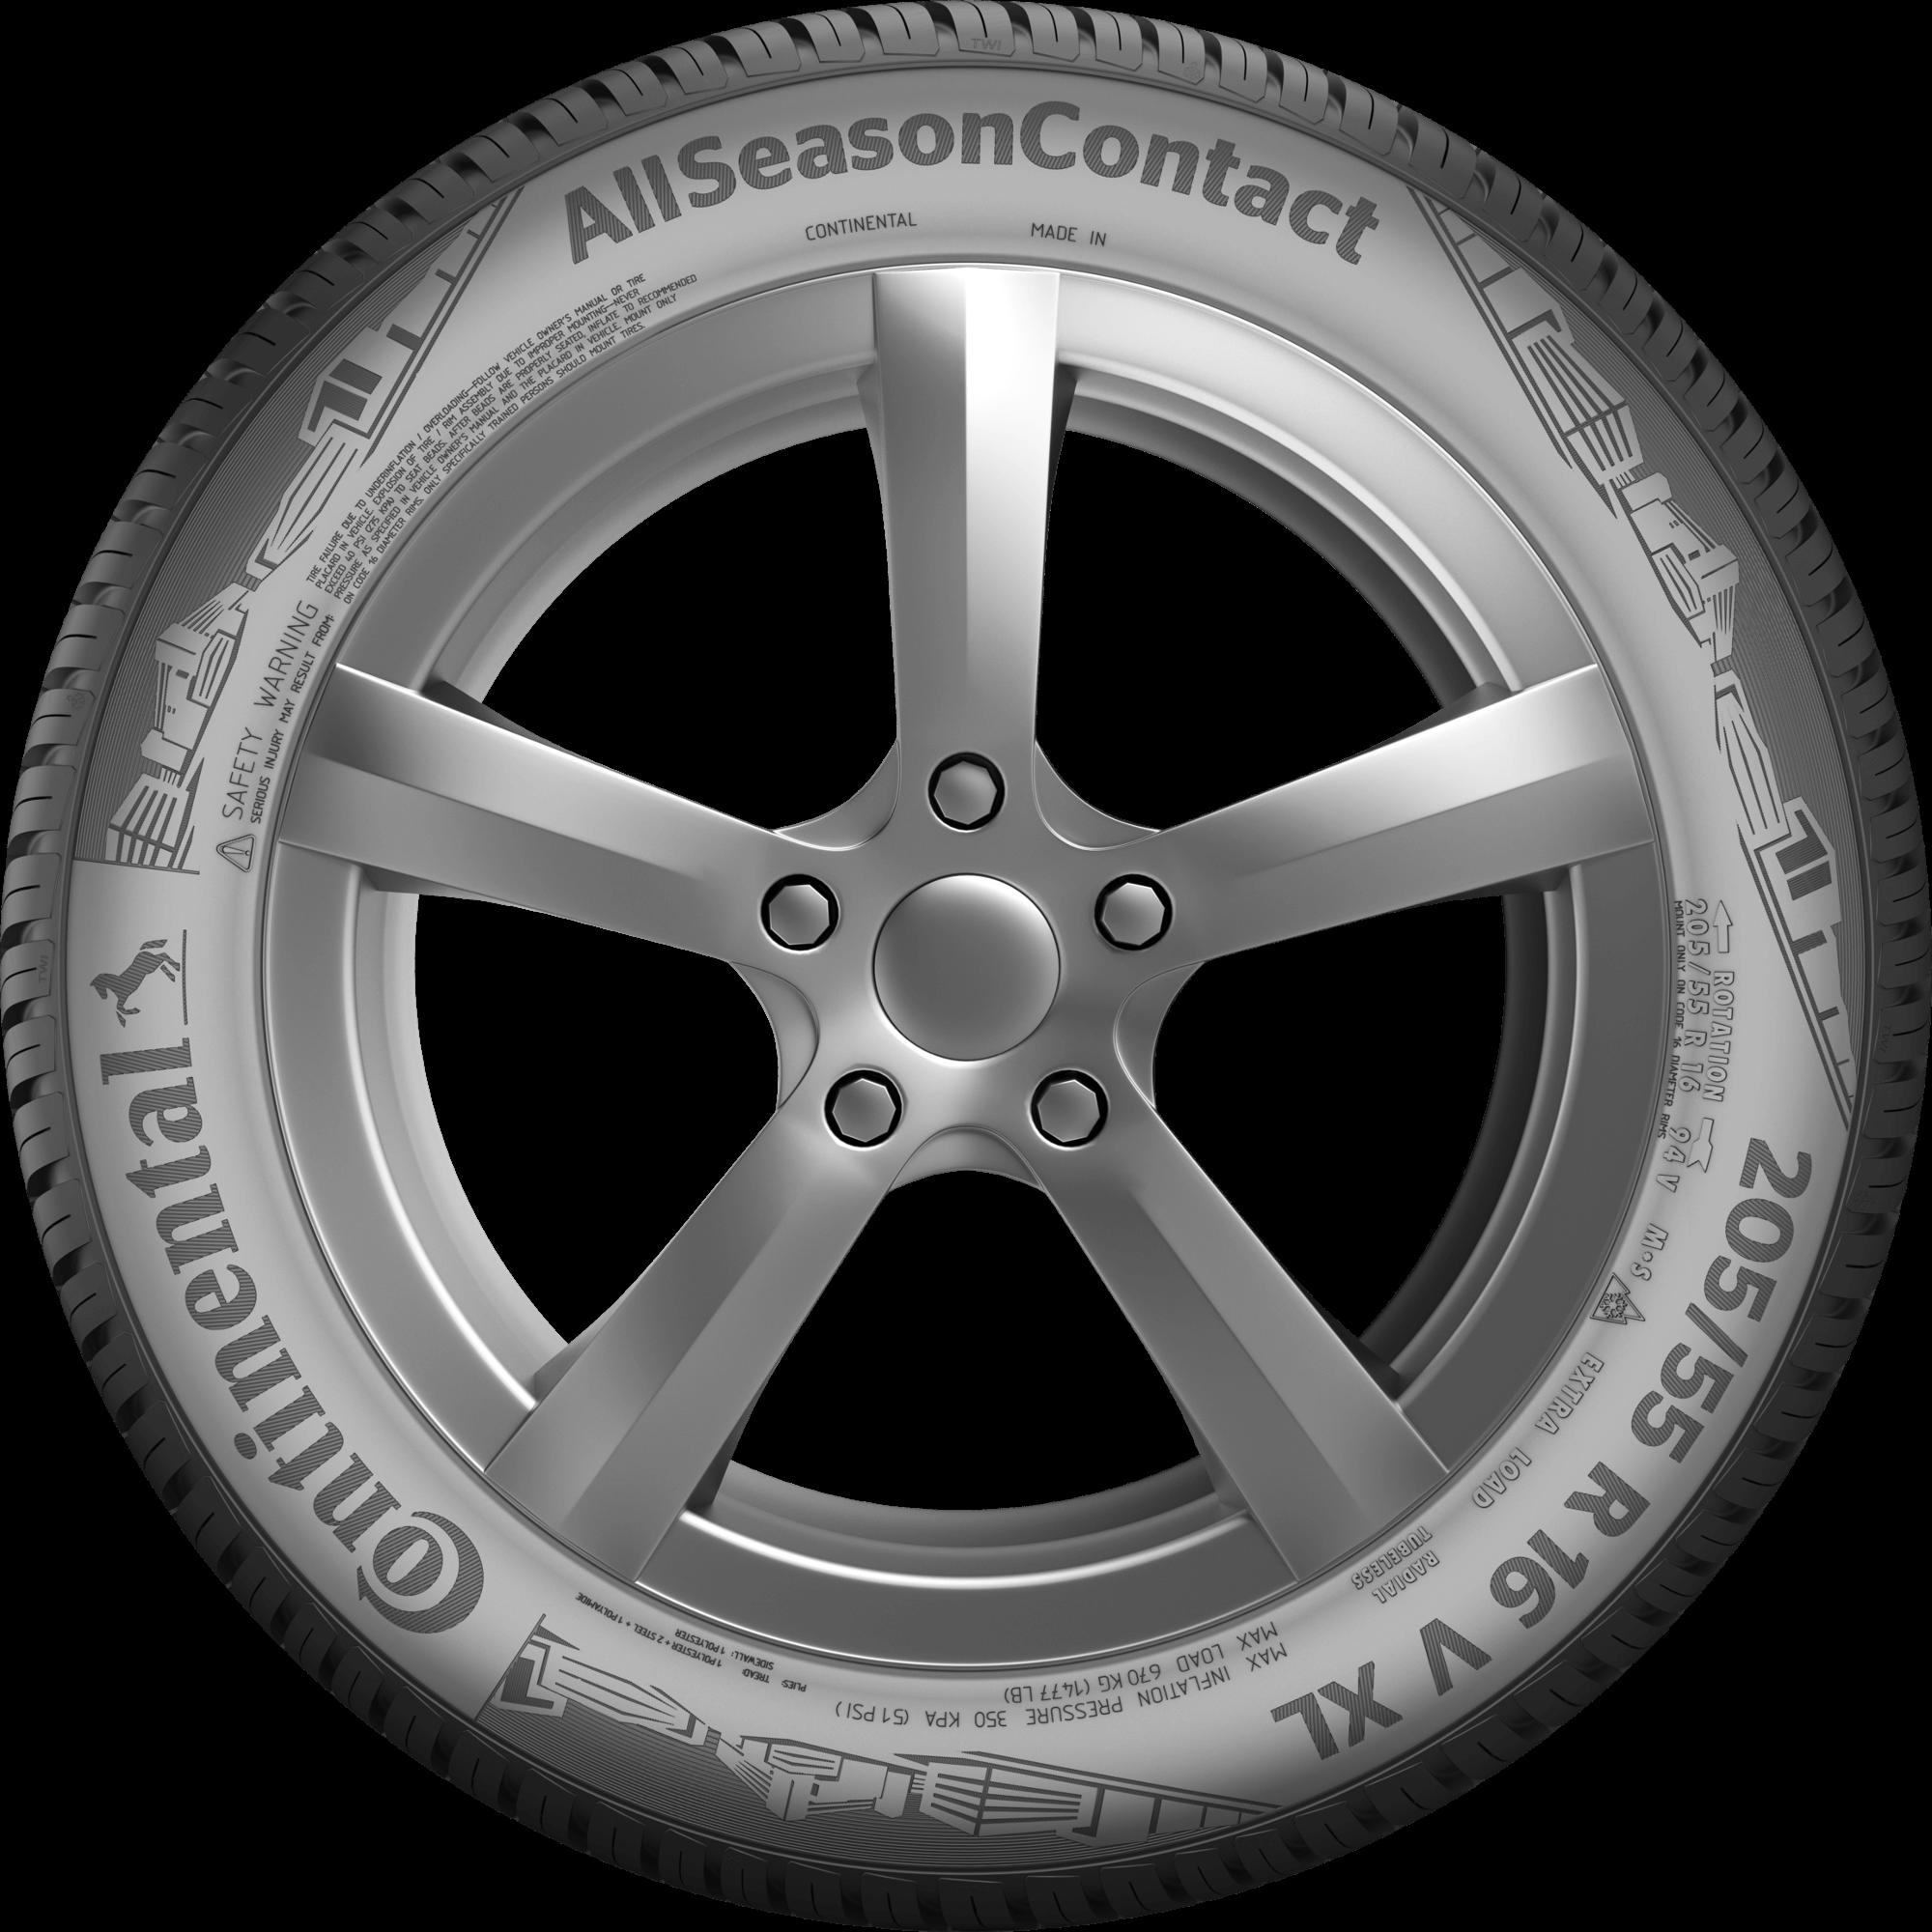 allseasoncontact-tire3